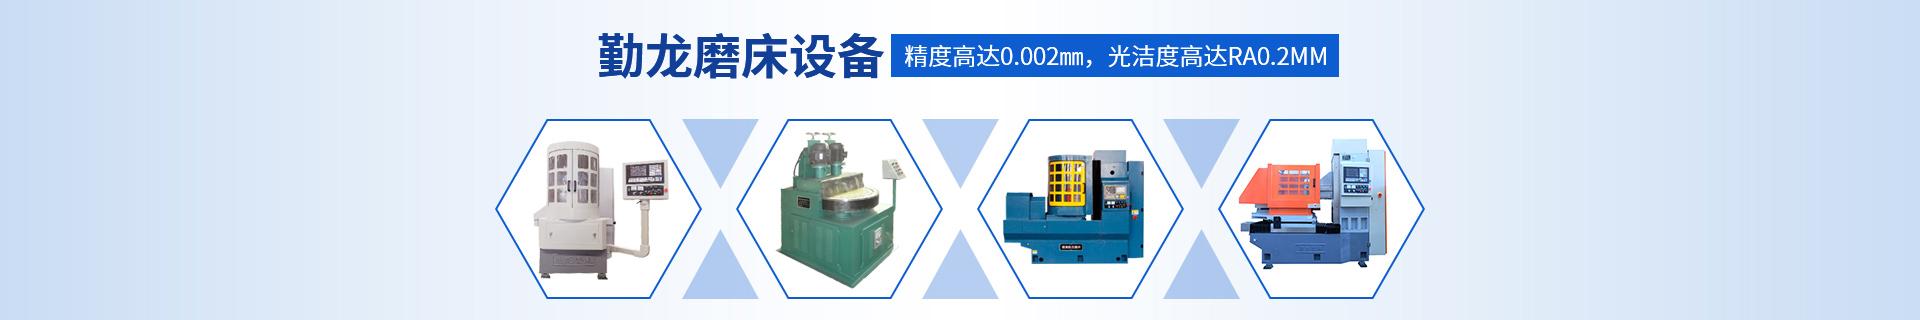 勤龙磨床设备精度高达0.002mm